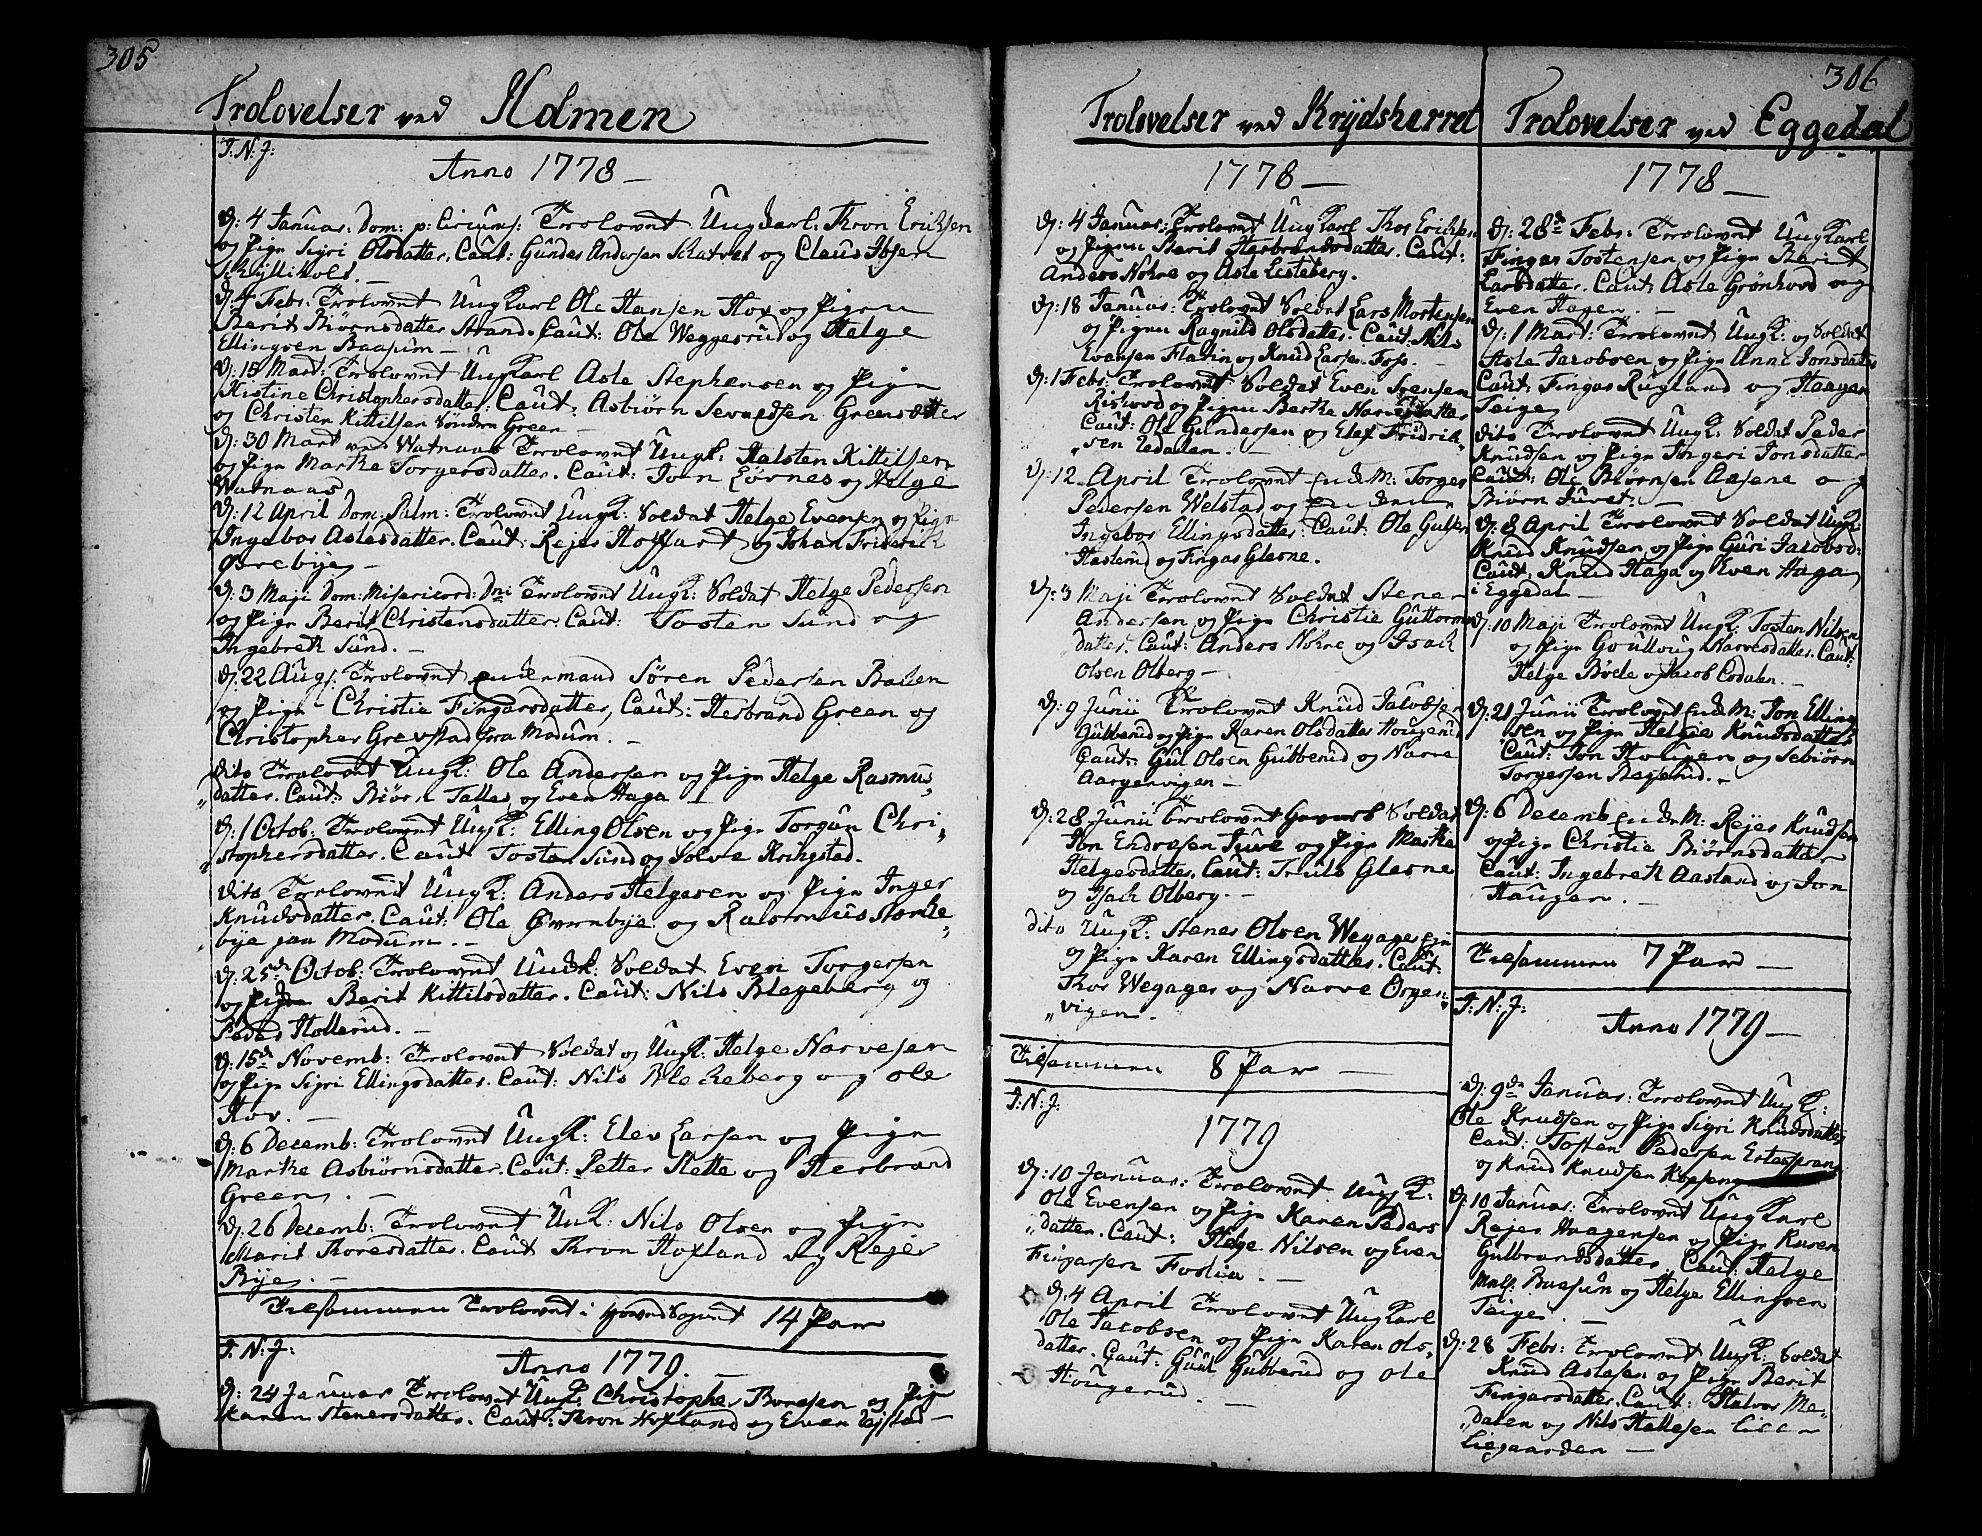 SAKO, Sigdal kirkebøker, F/Fa/L0002: Ministerialbok nr. I 2, 1778-1792, s. 305-306